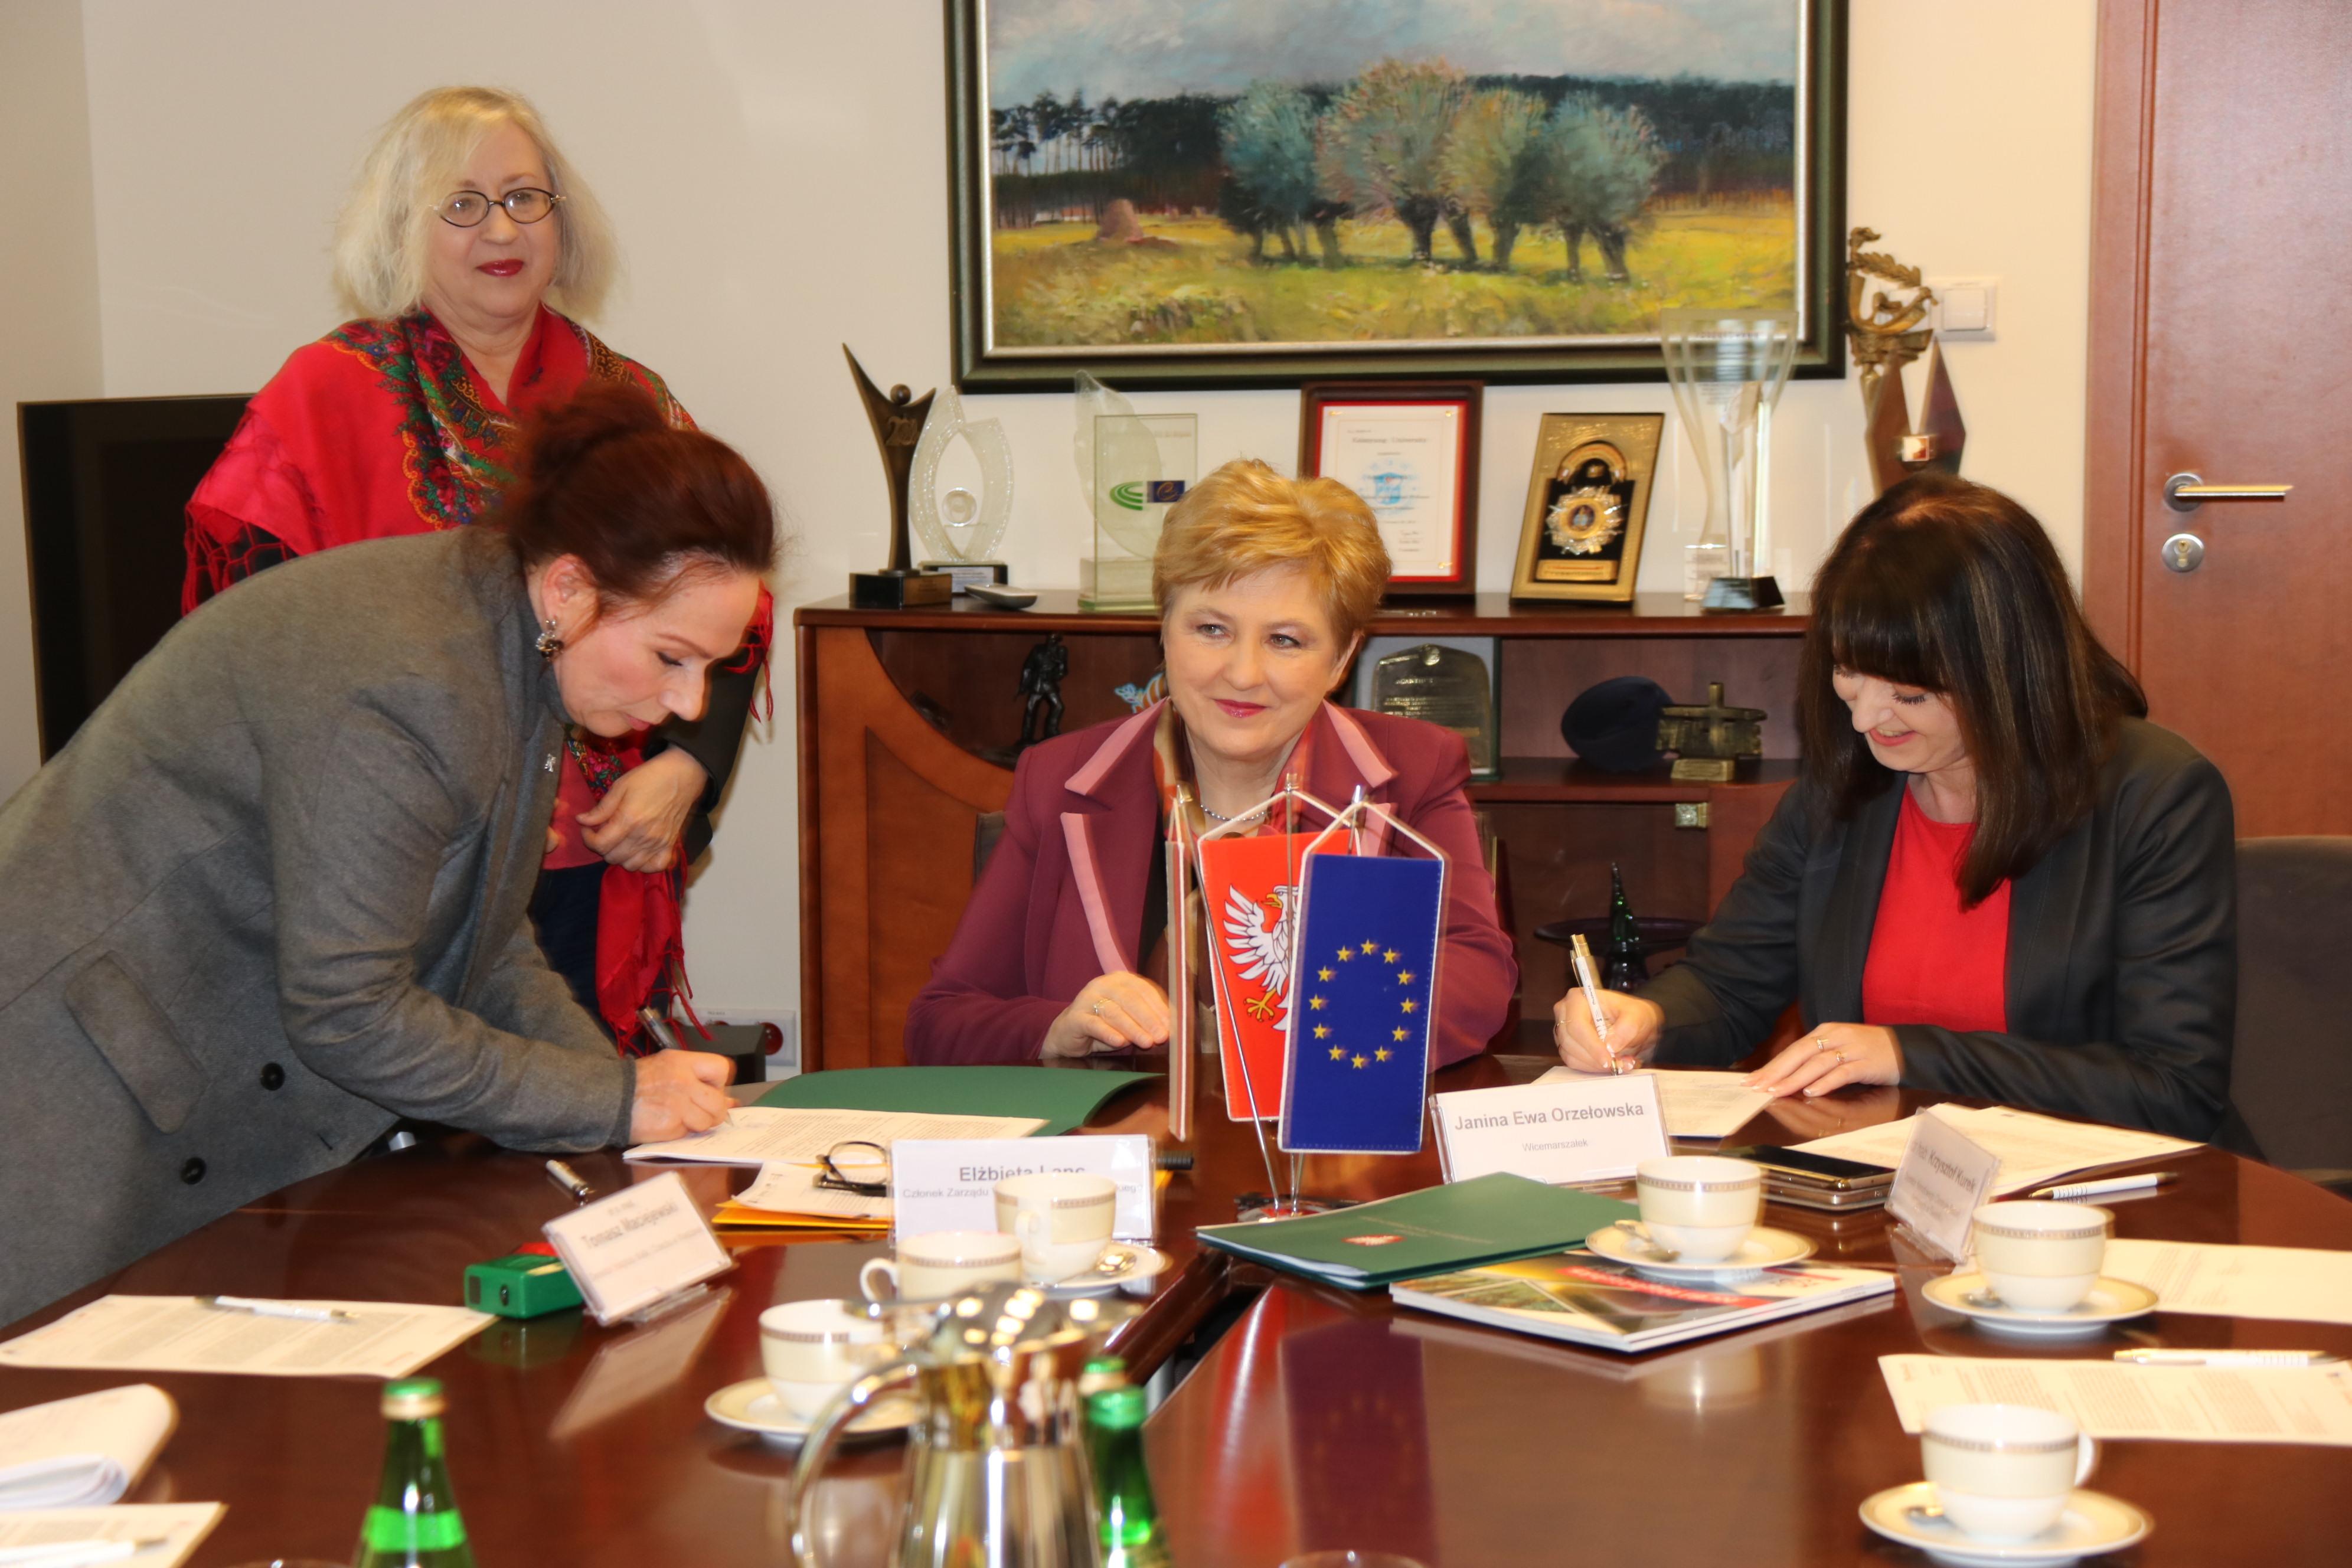 Uroczyste podpisanie umów o dofinansowanie unijne trzech projektu z dz. 1.1 Działalność badawczo-rozwojowa jednostek naukowych i dz.  5.3 Dziedzictwo kulturowe